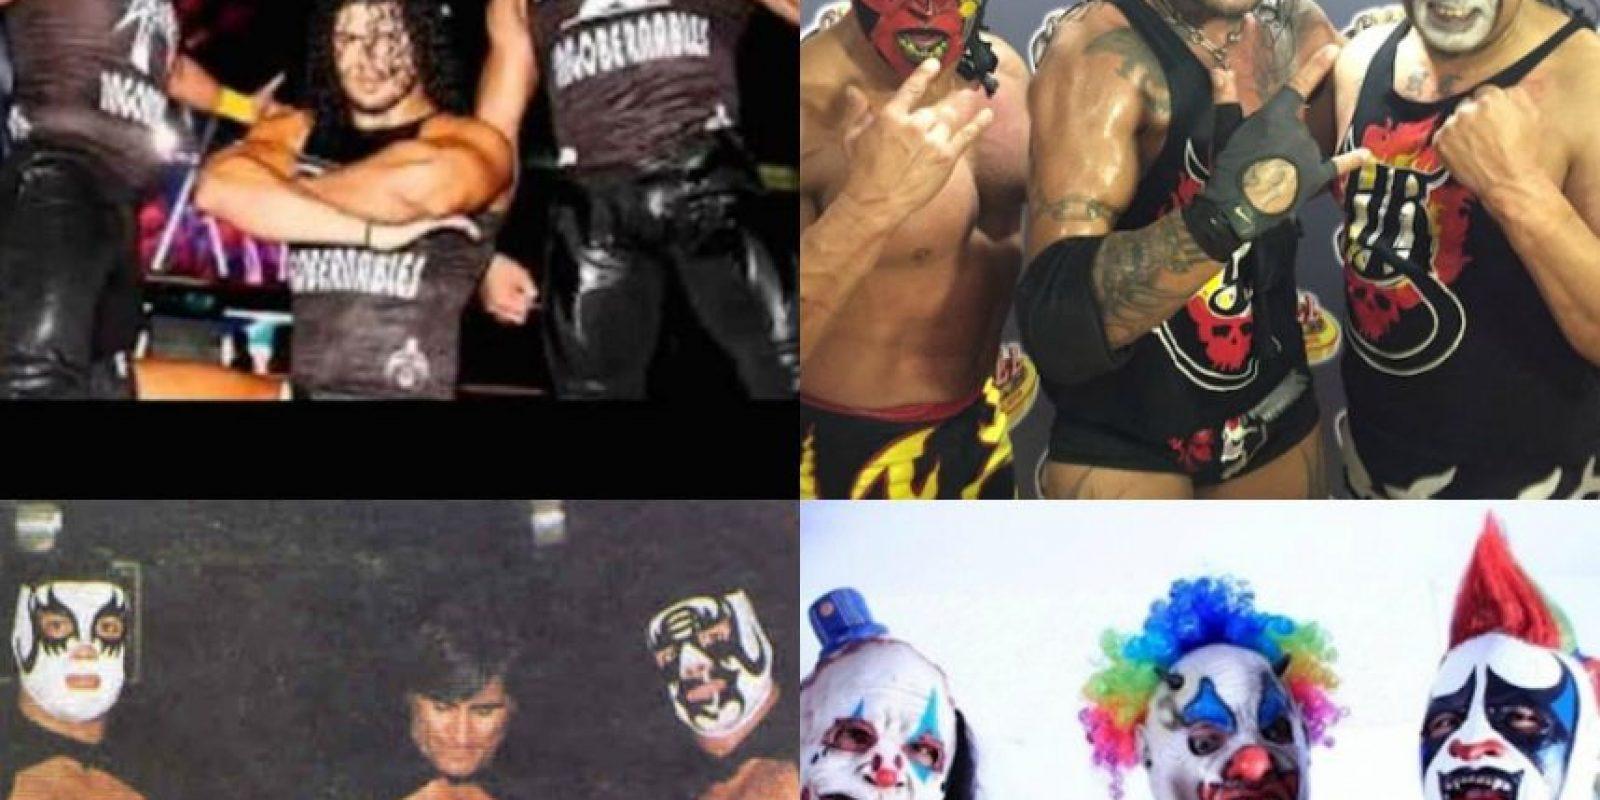 Estos son los que consideramos las mejores tercias de la lucha libre, ¿quién crees que falta? Foto:Archivo